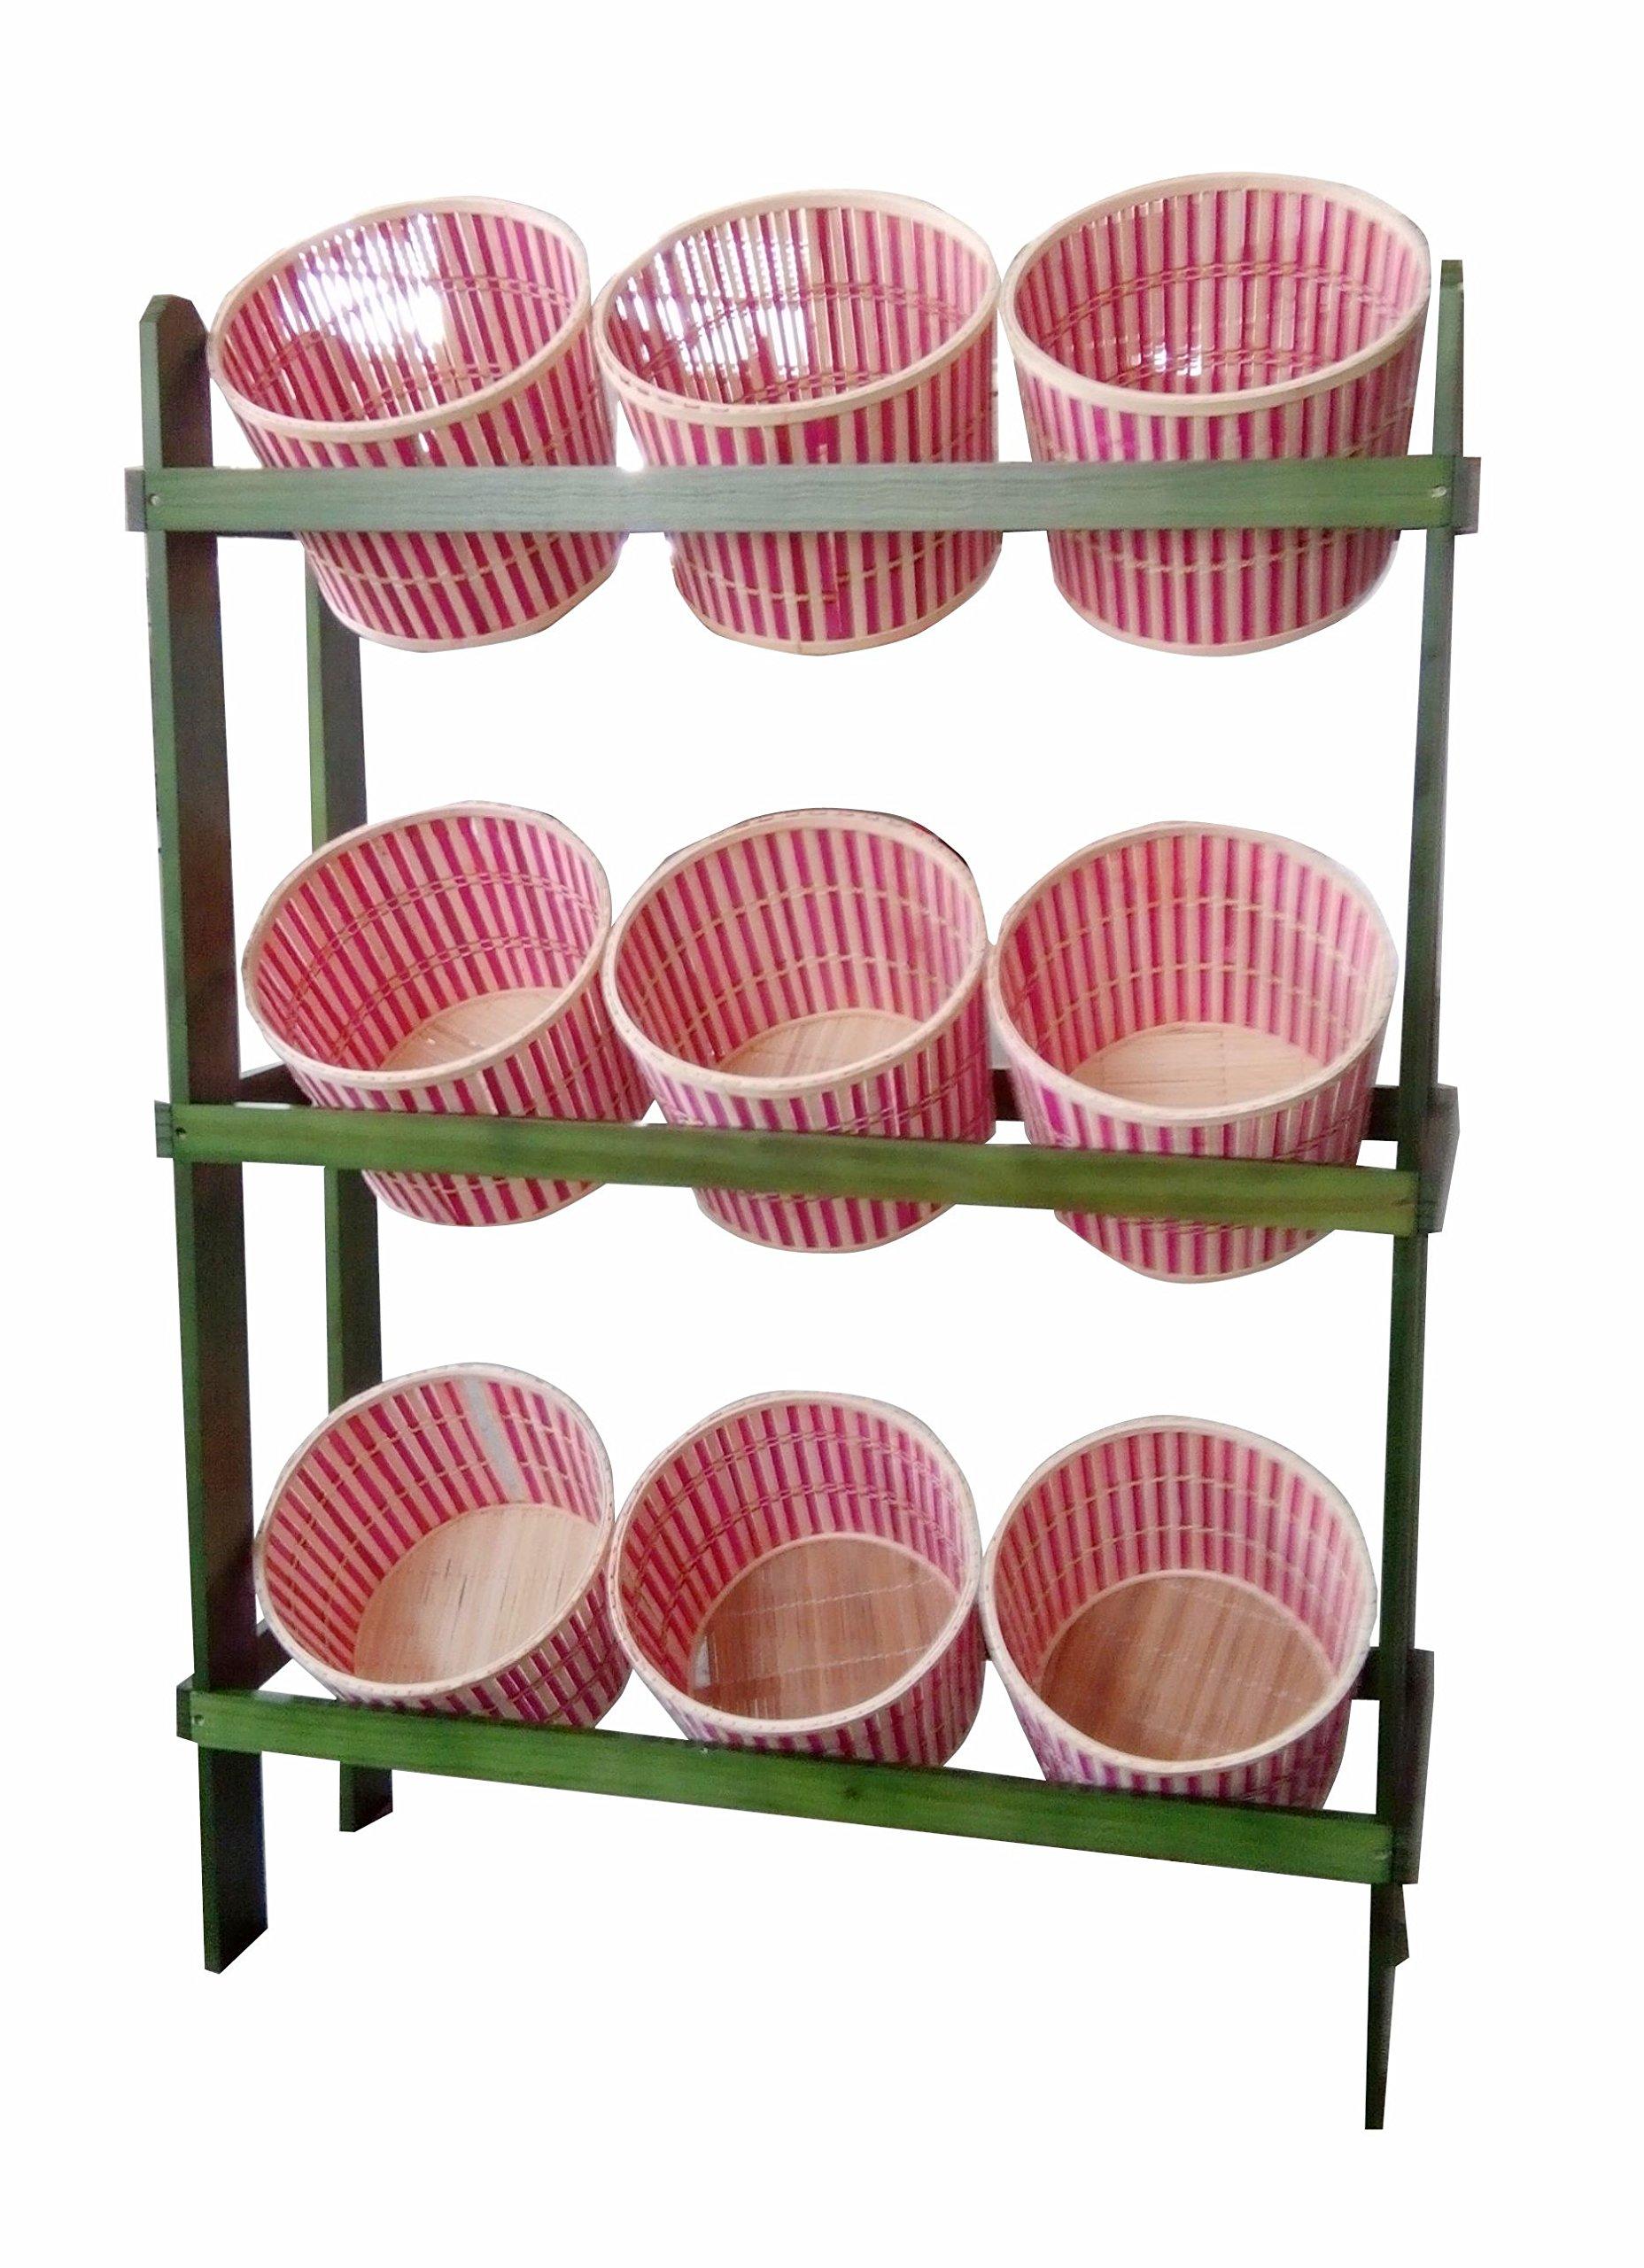 FixtureDisplays 38.5'' x 44.0'' x 11.3'' Tiered Wooden Display, Floorstanding, 9 Baskets - Green & Oak 19397 19397